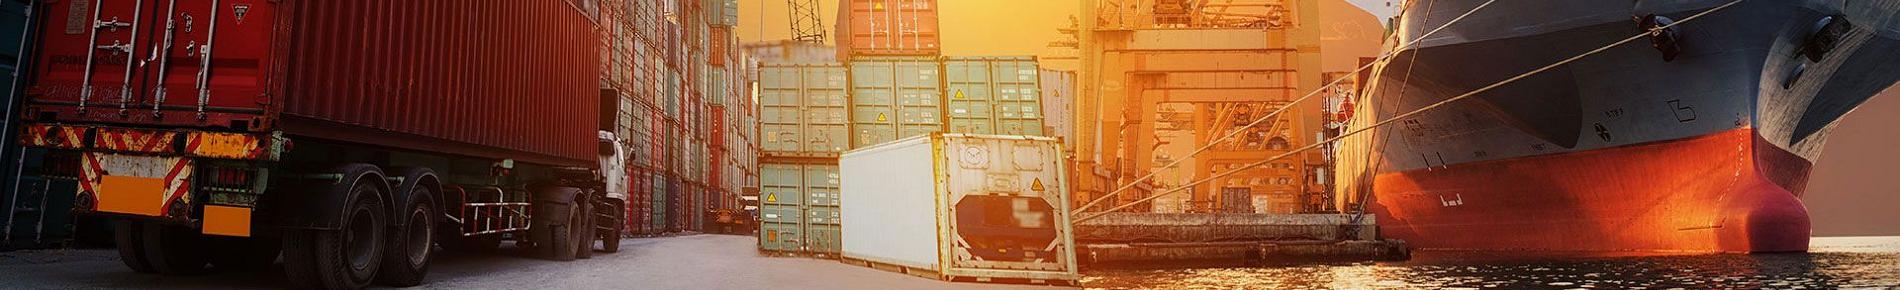 Cargo_terminal